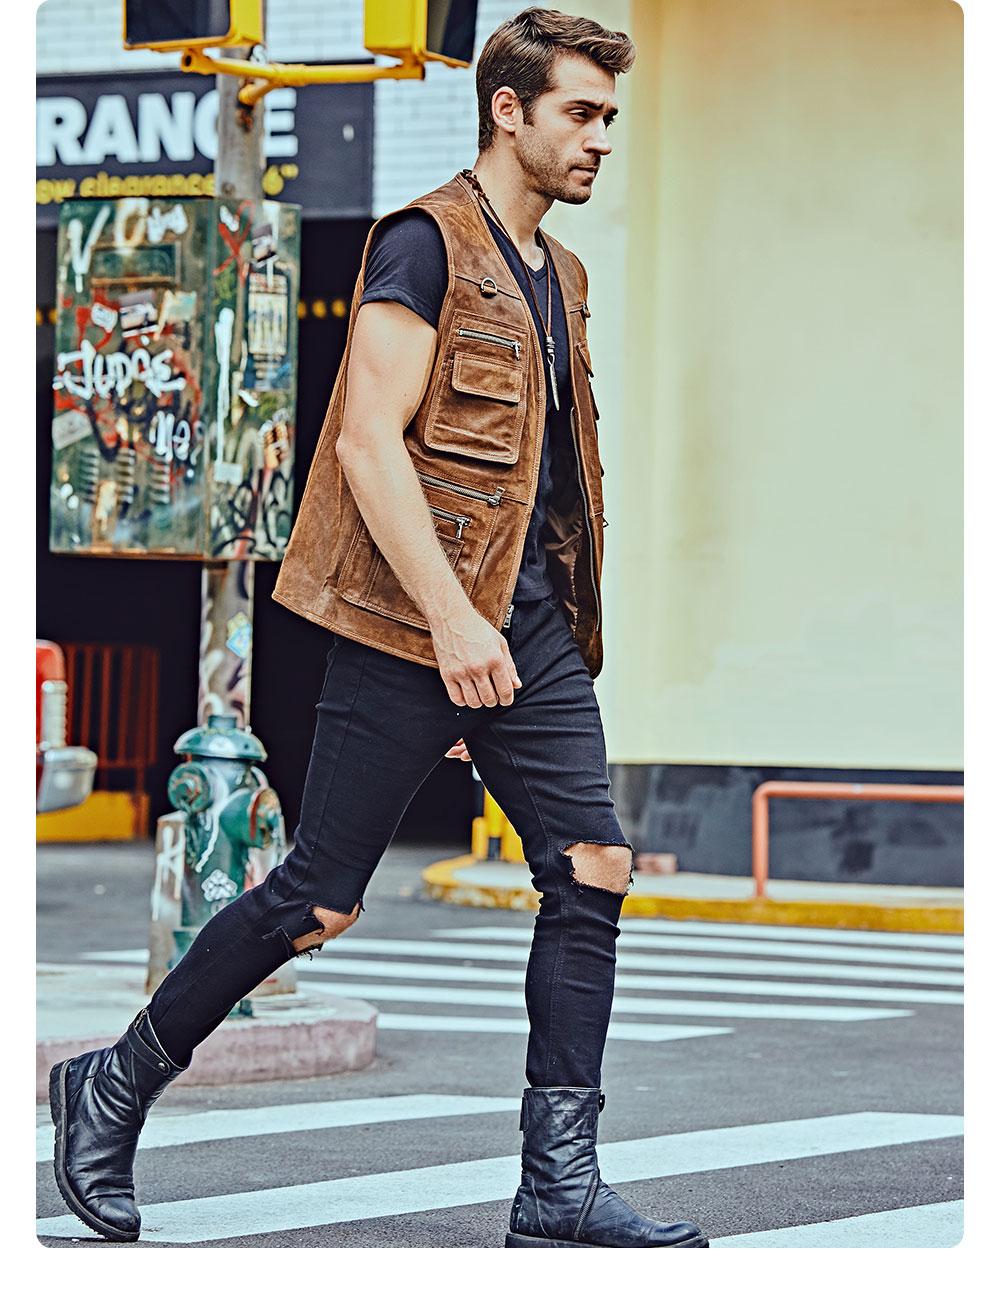 H512028eb9606498b94a77d8d7fd771f6b FLAVOR New Men's Real Leather Vest Men's Motorcycle Fishing Outdoor Travel Vests